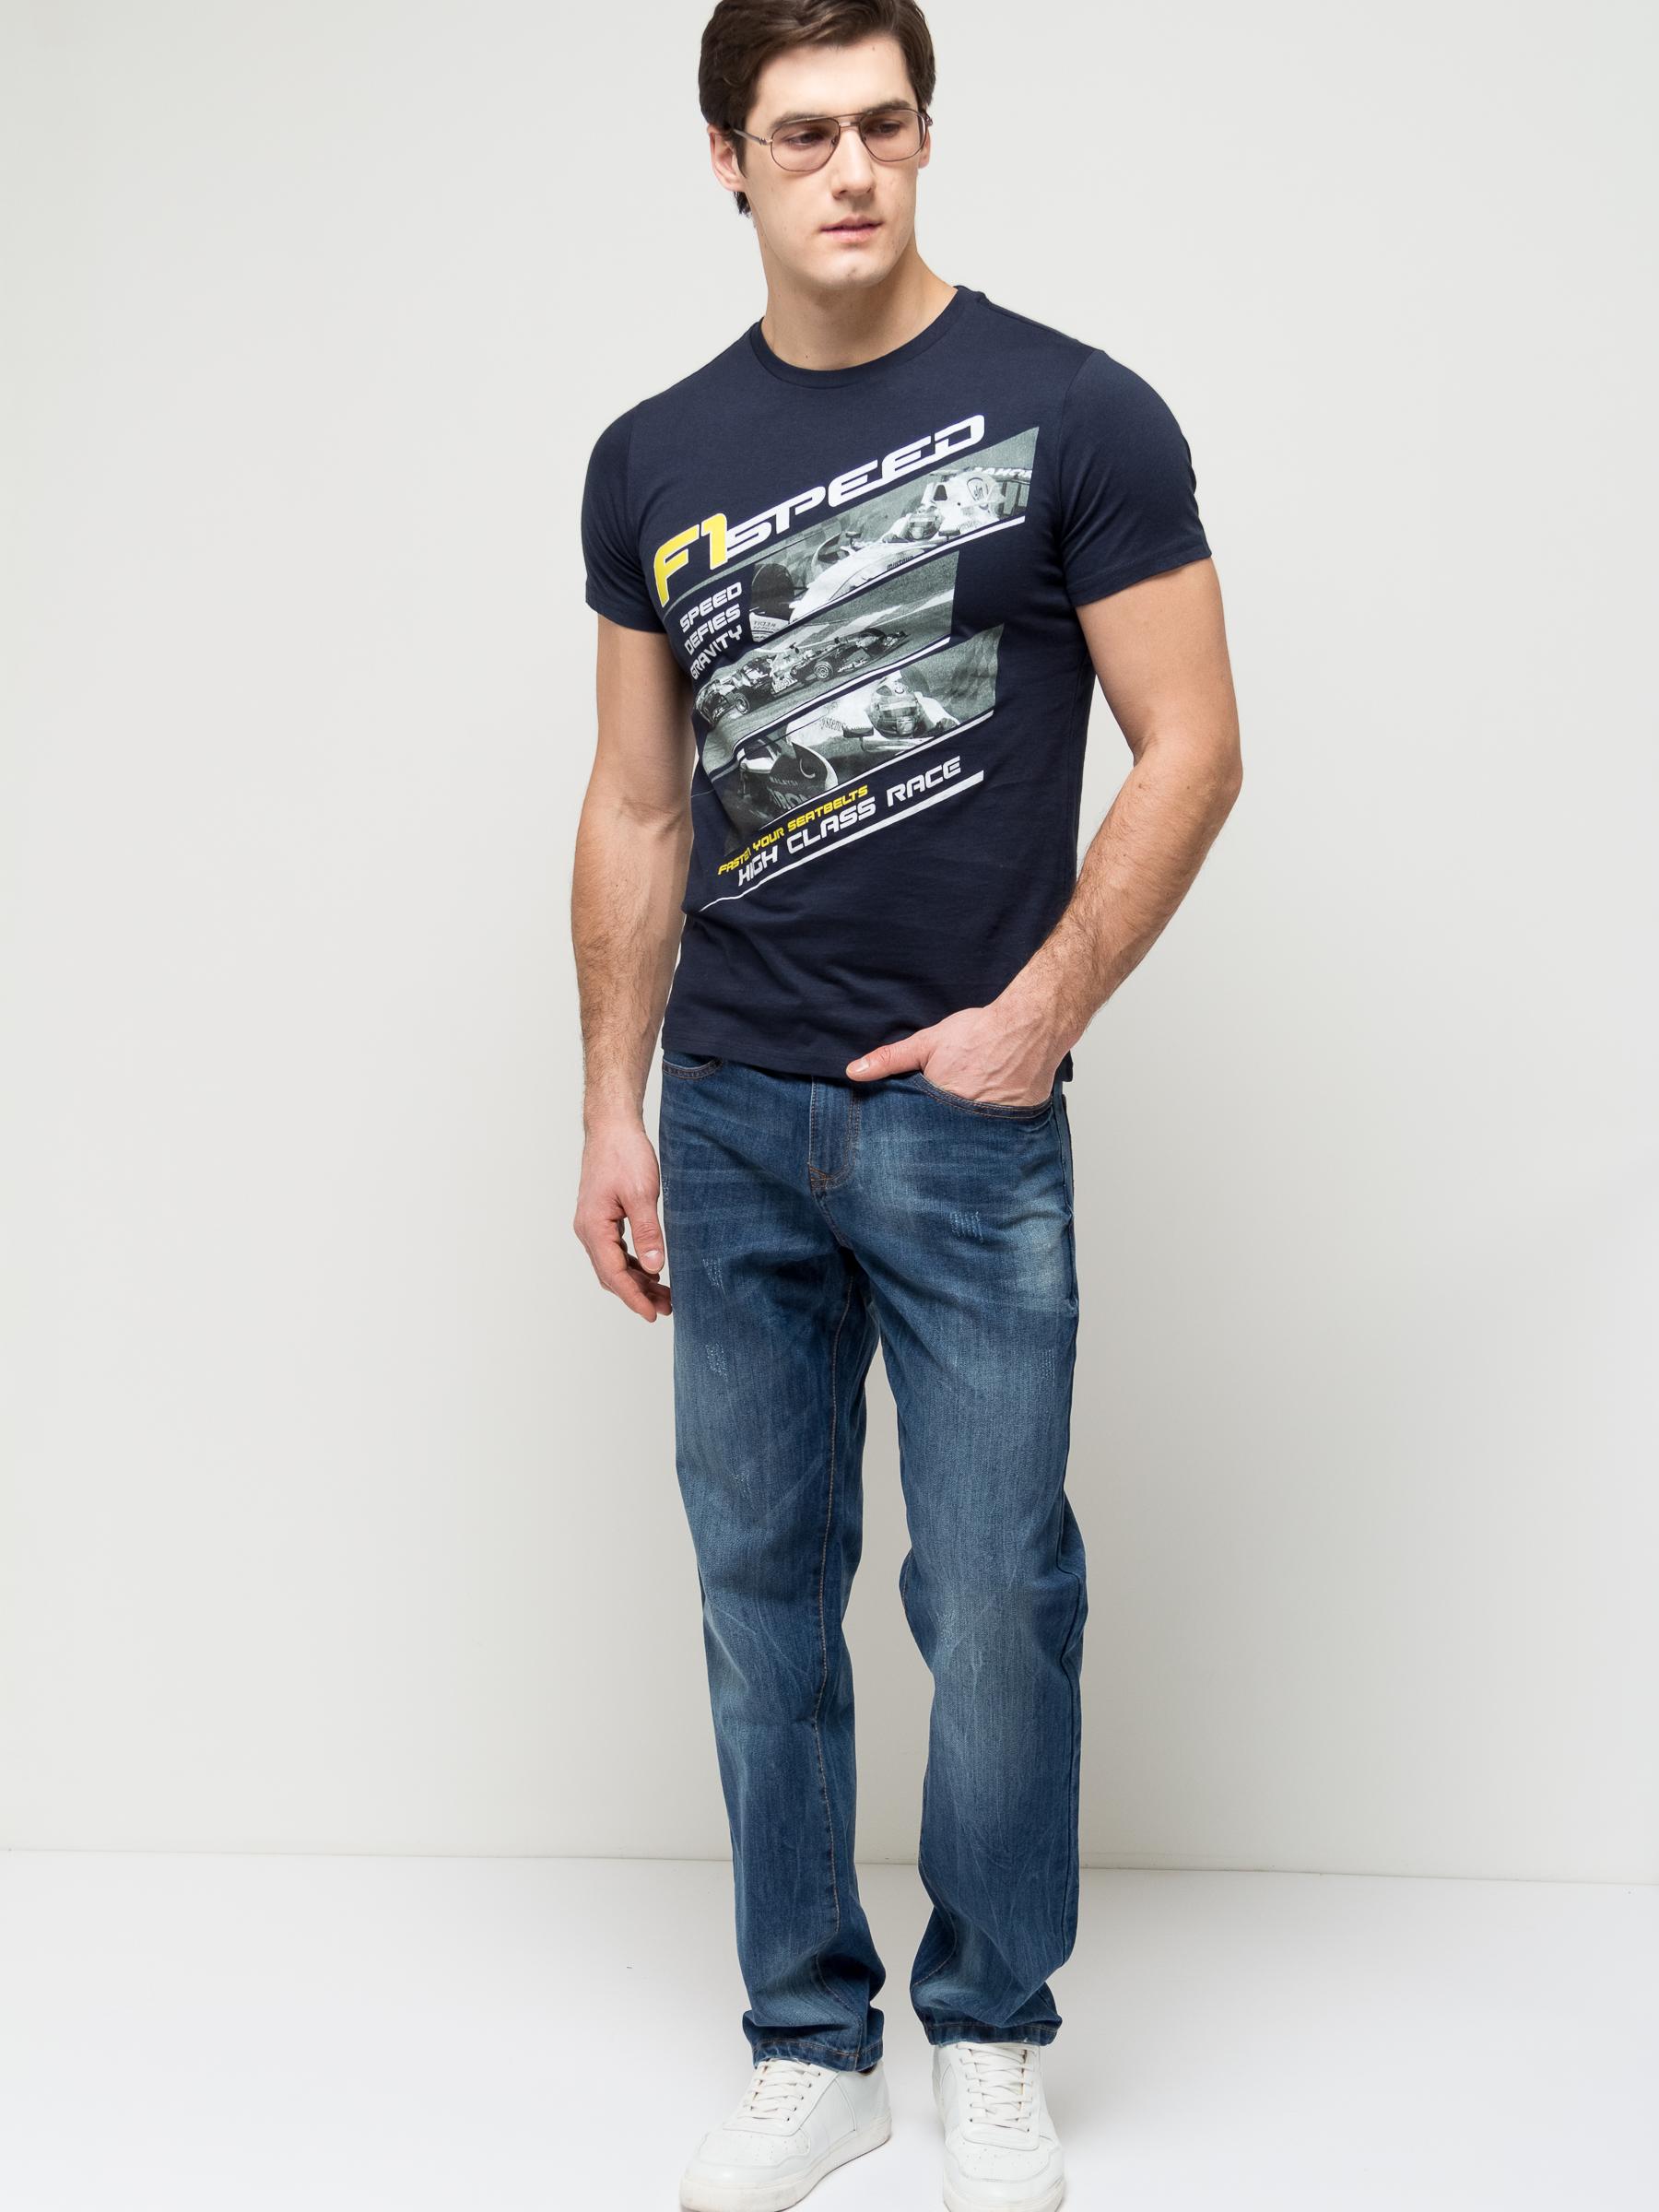 Джинсы мужские Sela, цвет: синий джинс. PJ-235/1081-7161. Размер 34-32 (50-32)PJ-235/1081-7161Стильные мужские джинсы Sela, изготовленные из качественного хлопкового материала с потертостями, станут отличным дополнением гардероба. Джинсы прямого кроя и стандартной посадки на талии застегиваются на застежку-молнию и пуговицу. На поясе имеются шлевки для ремня. Модель представляет собой классическую пятикарманку: два втачных и накладной карманы спереди и два накладных кармана сзади.